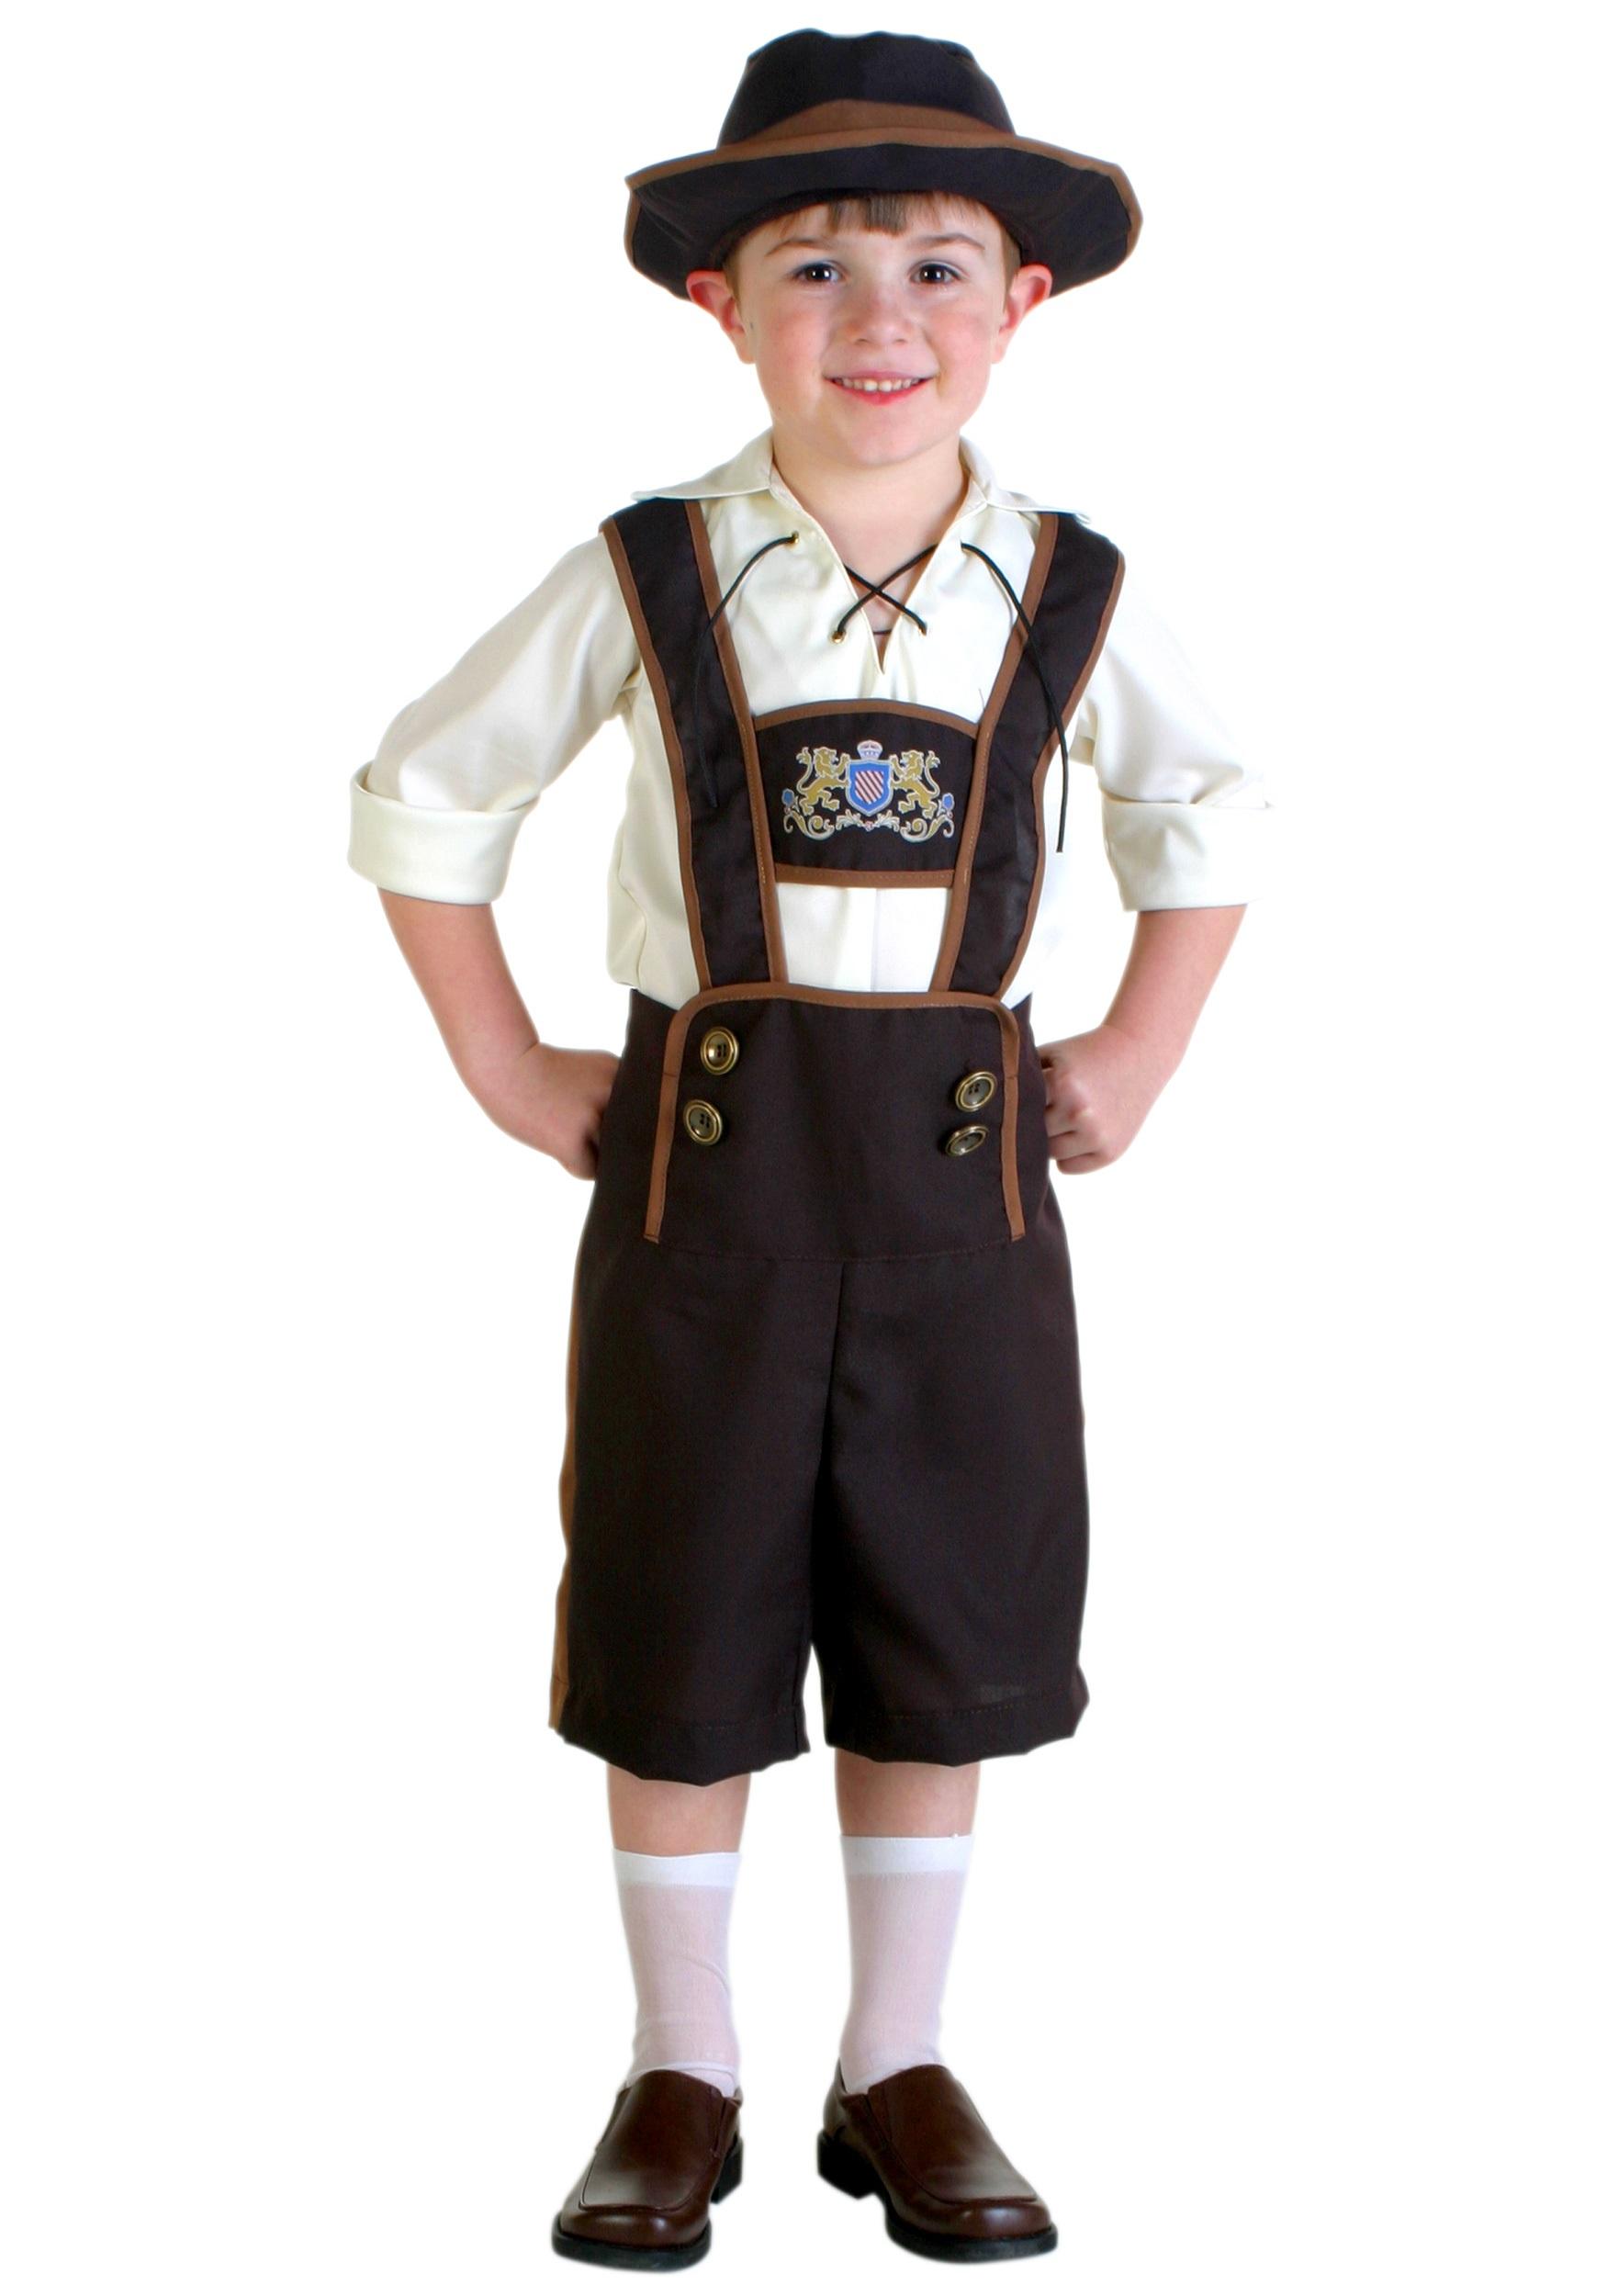 Toddler Lederhosen Boy Costume